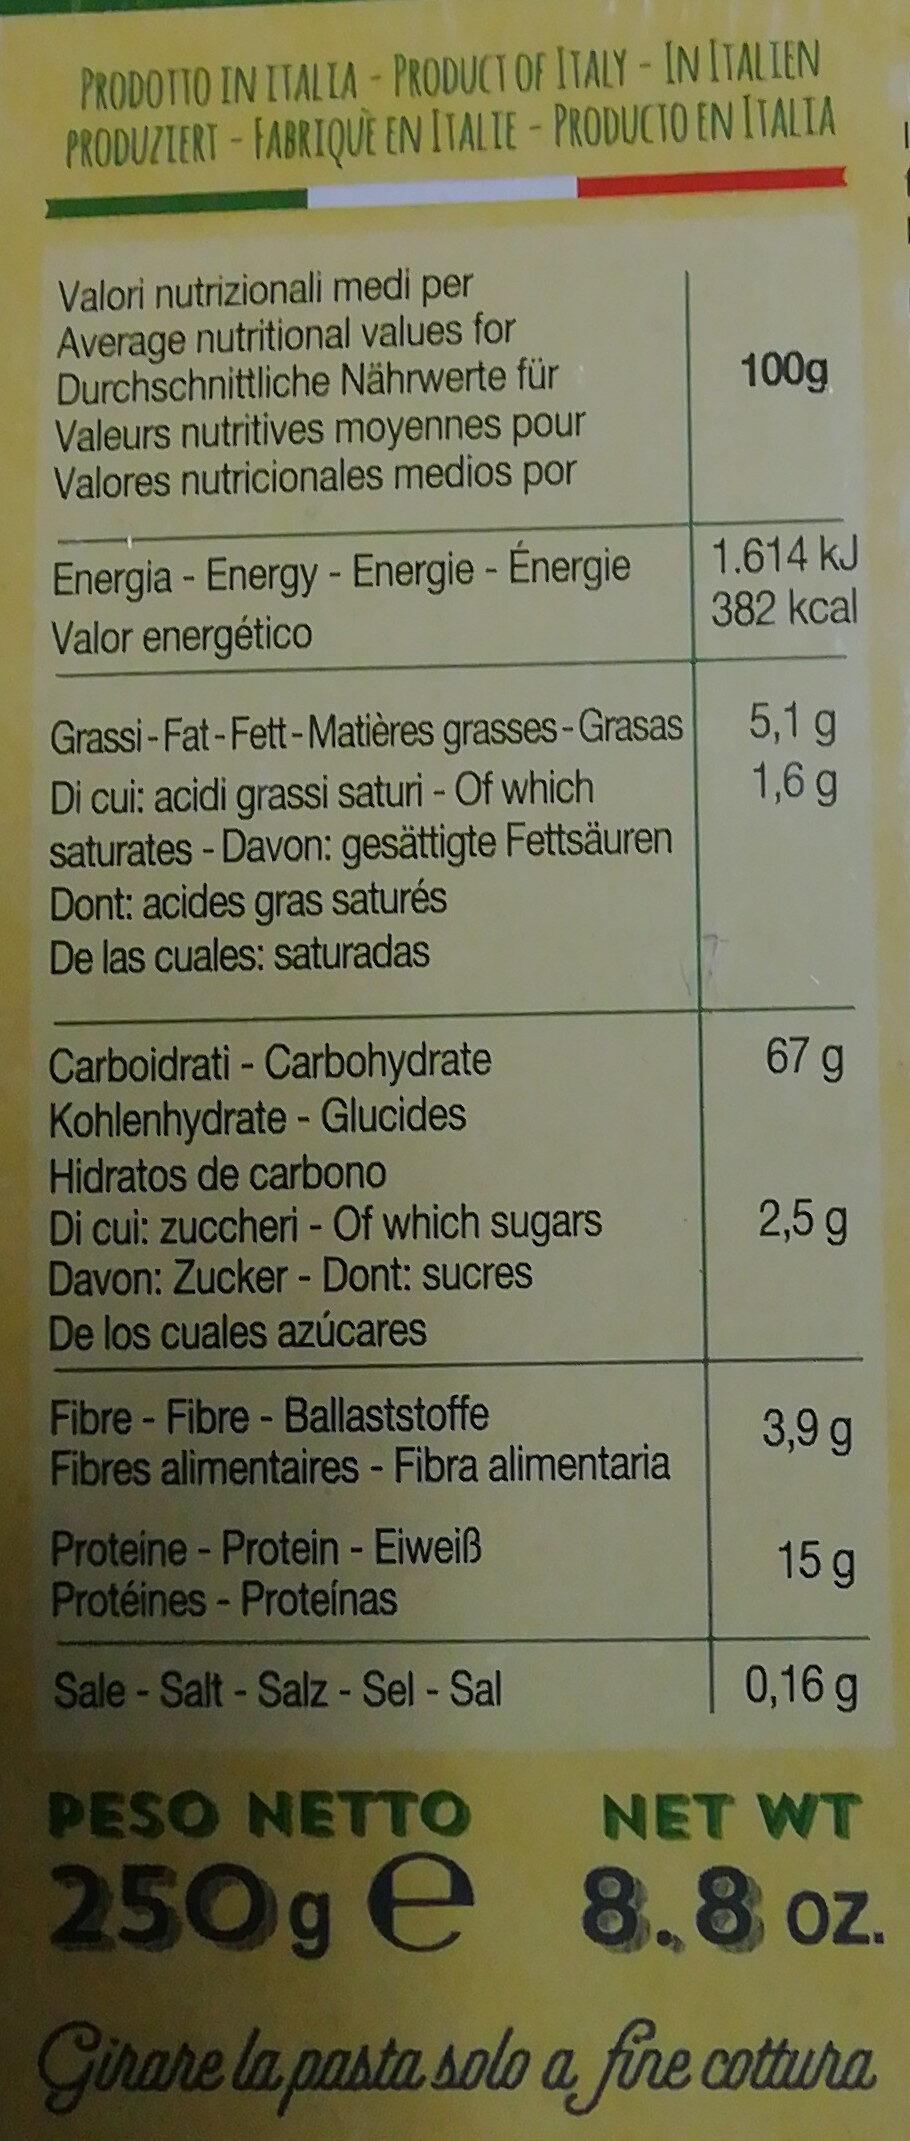 Pasta all'uovo Tagliatelline - Nutrition facts